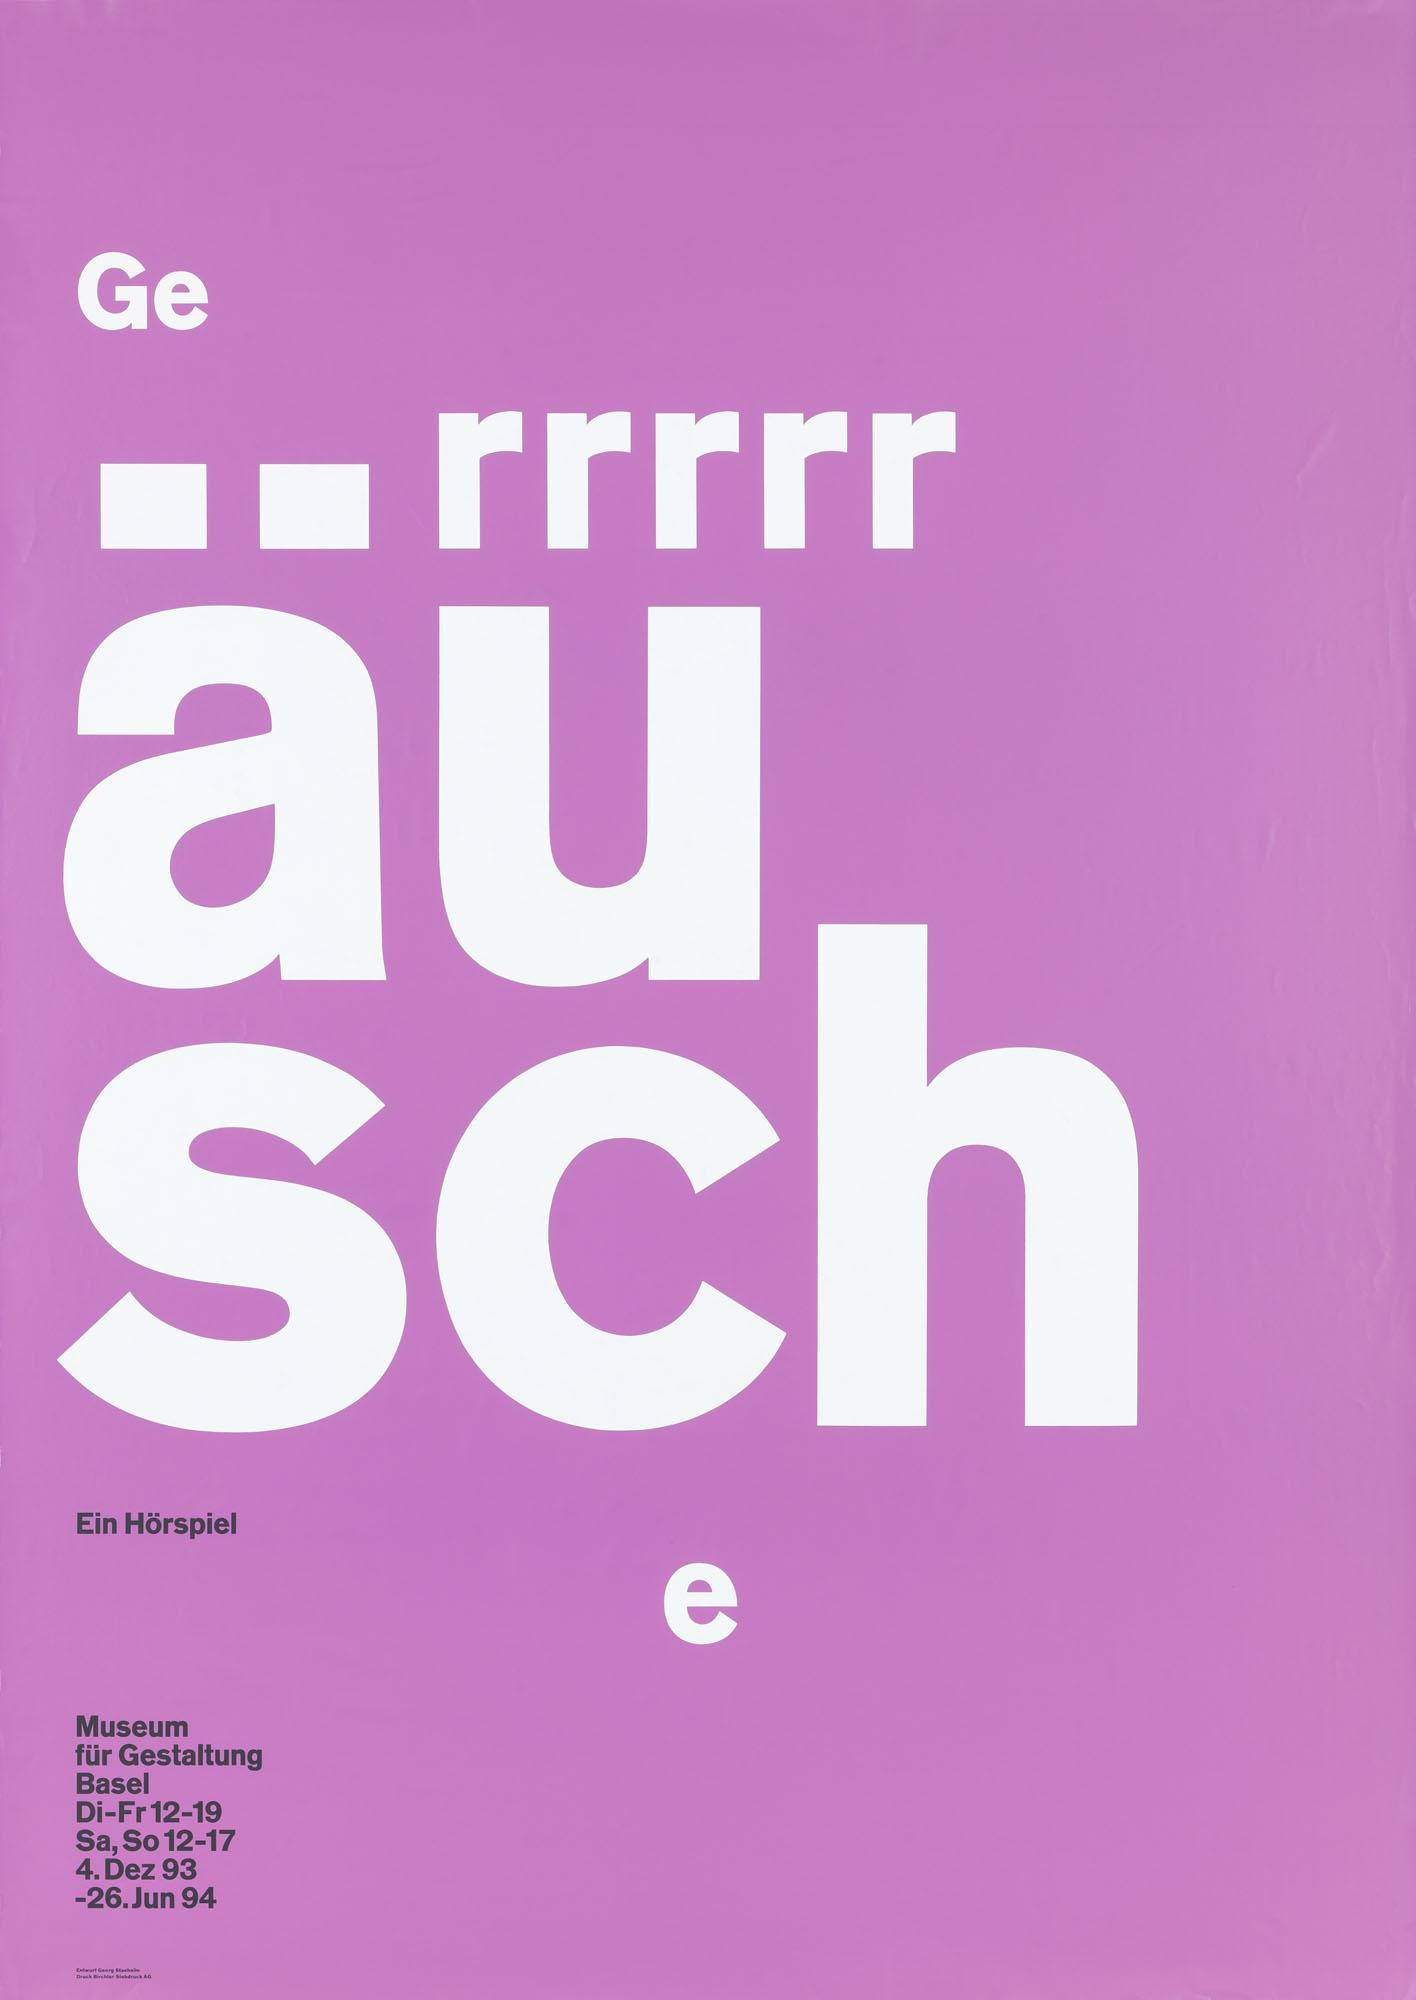 Netto – Nichts als Inhalt Georg Staehelin Poster